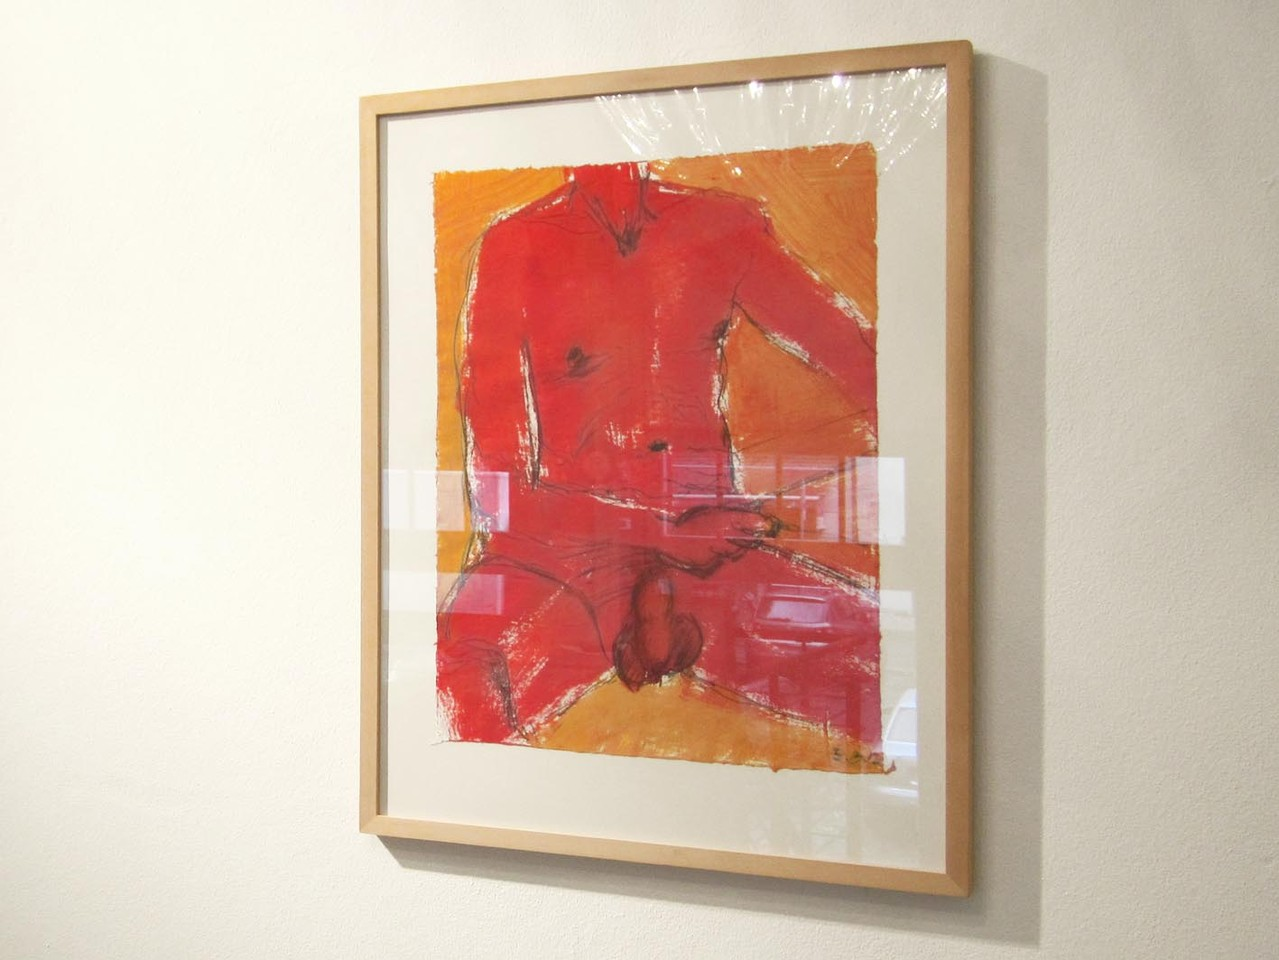 Männlicher Akt, Kreide/Acryl 2012